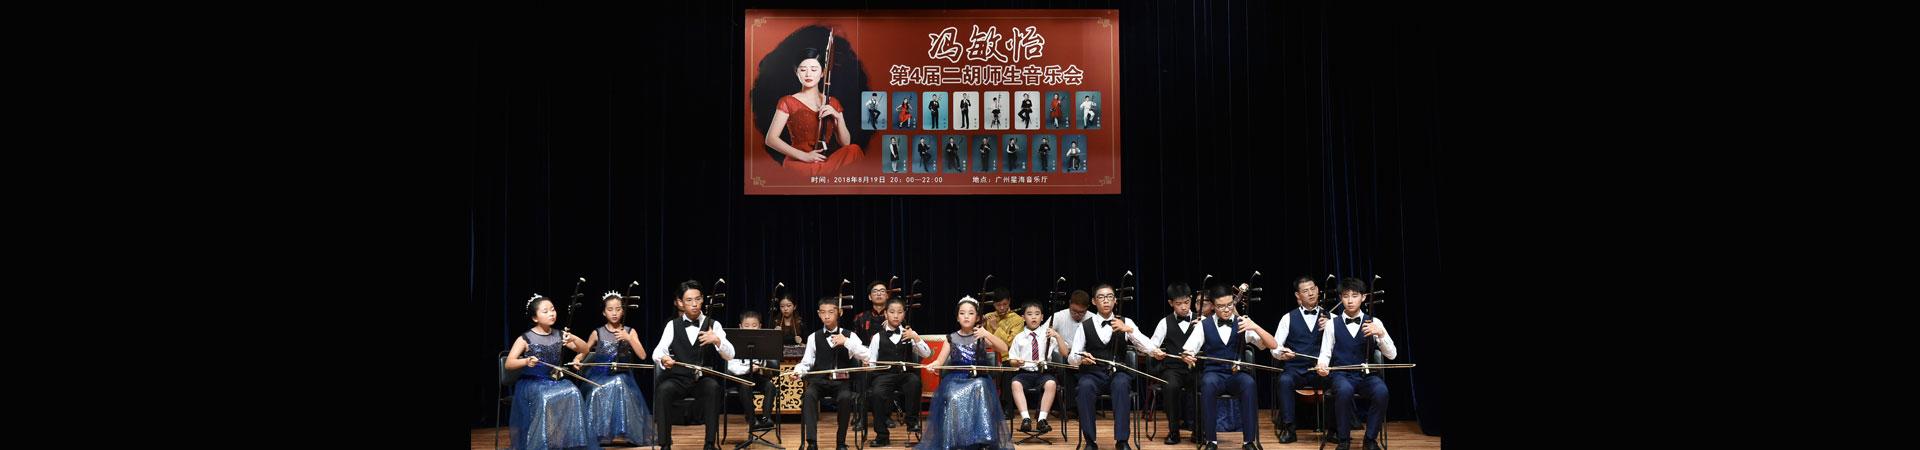 第四届冯敏怡二胡师生音乐会